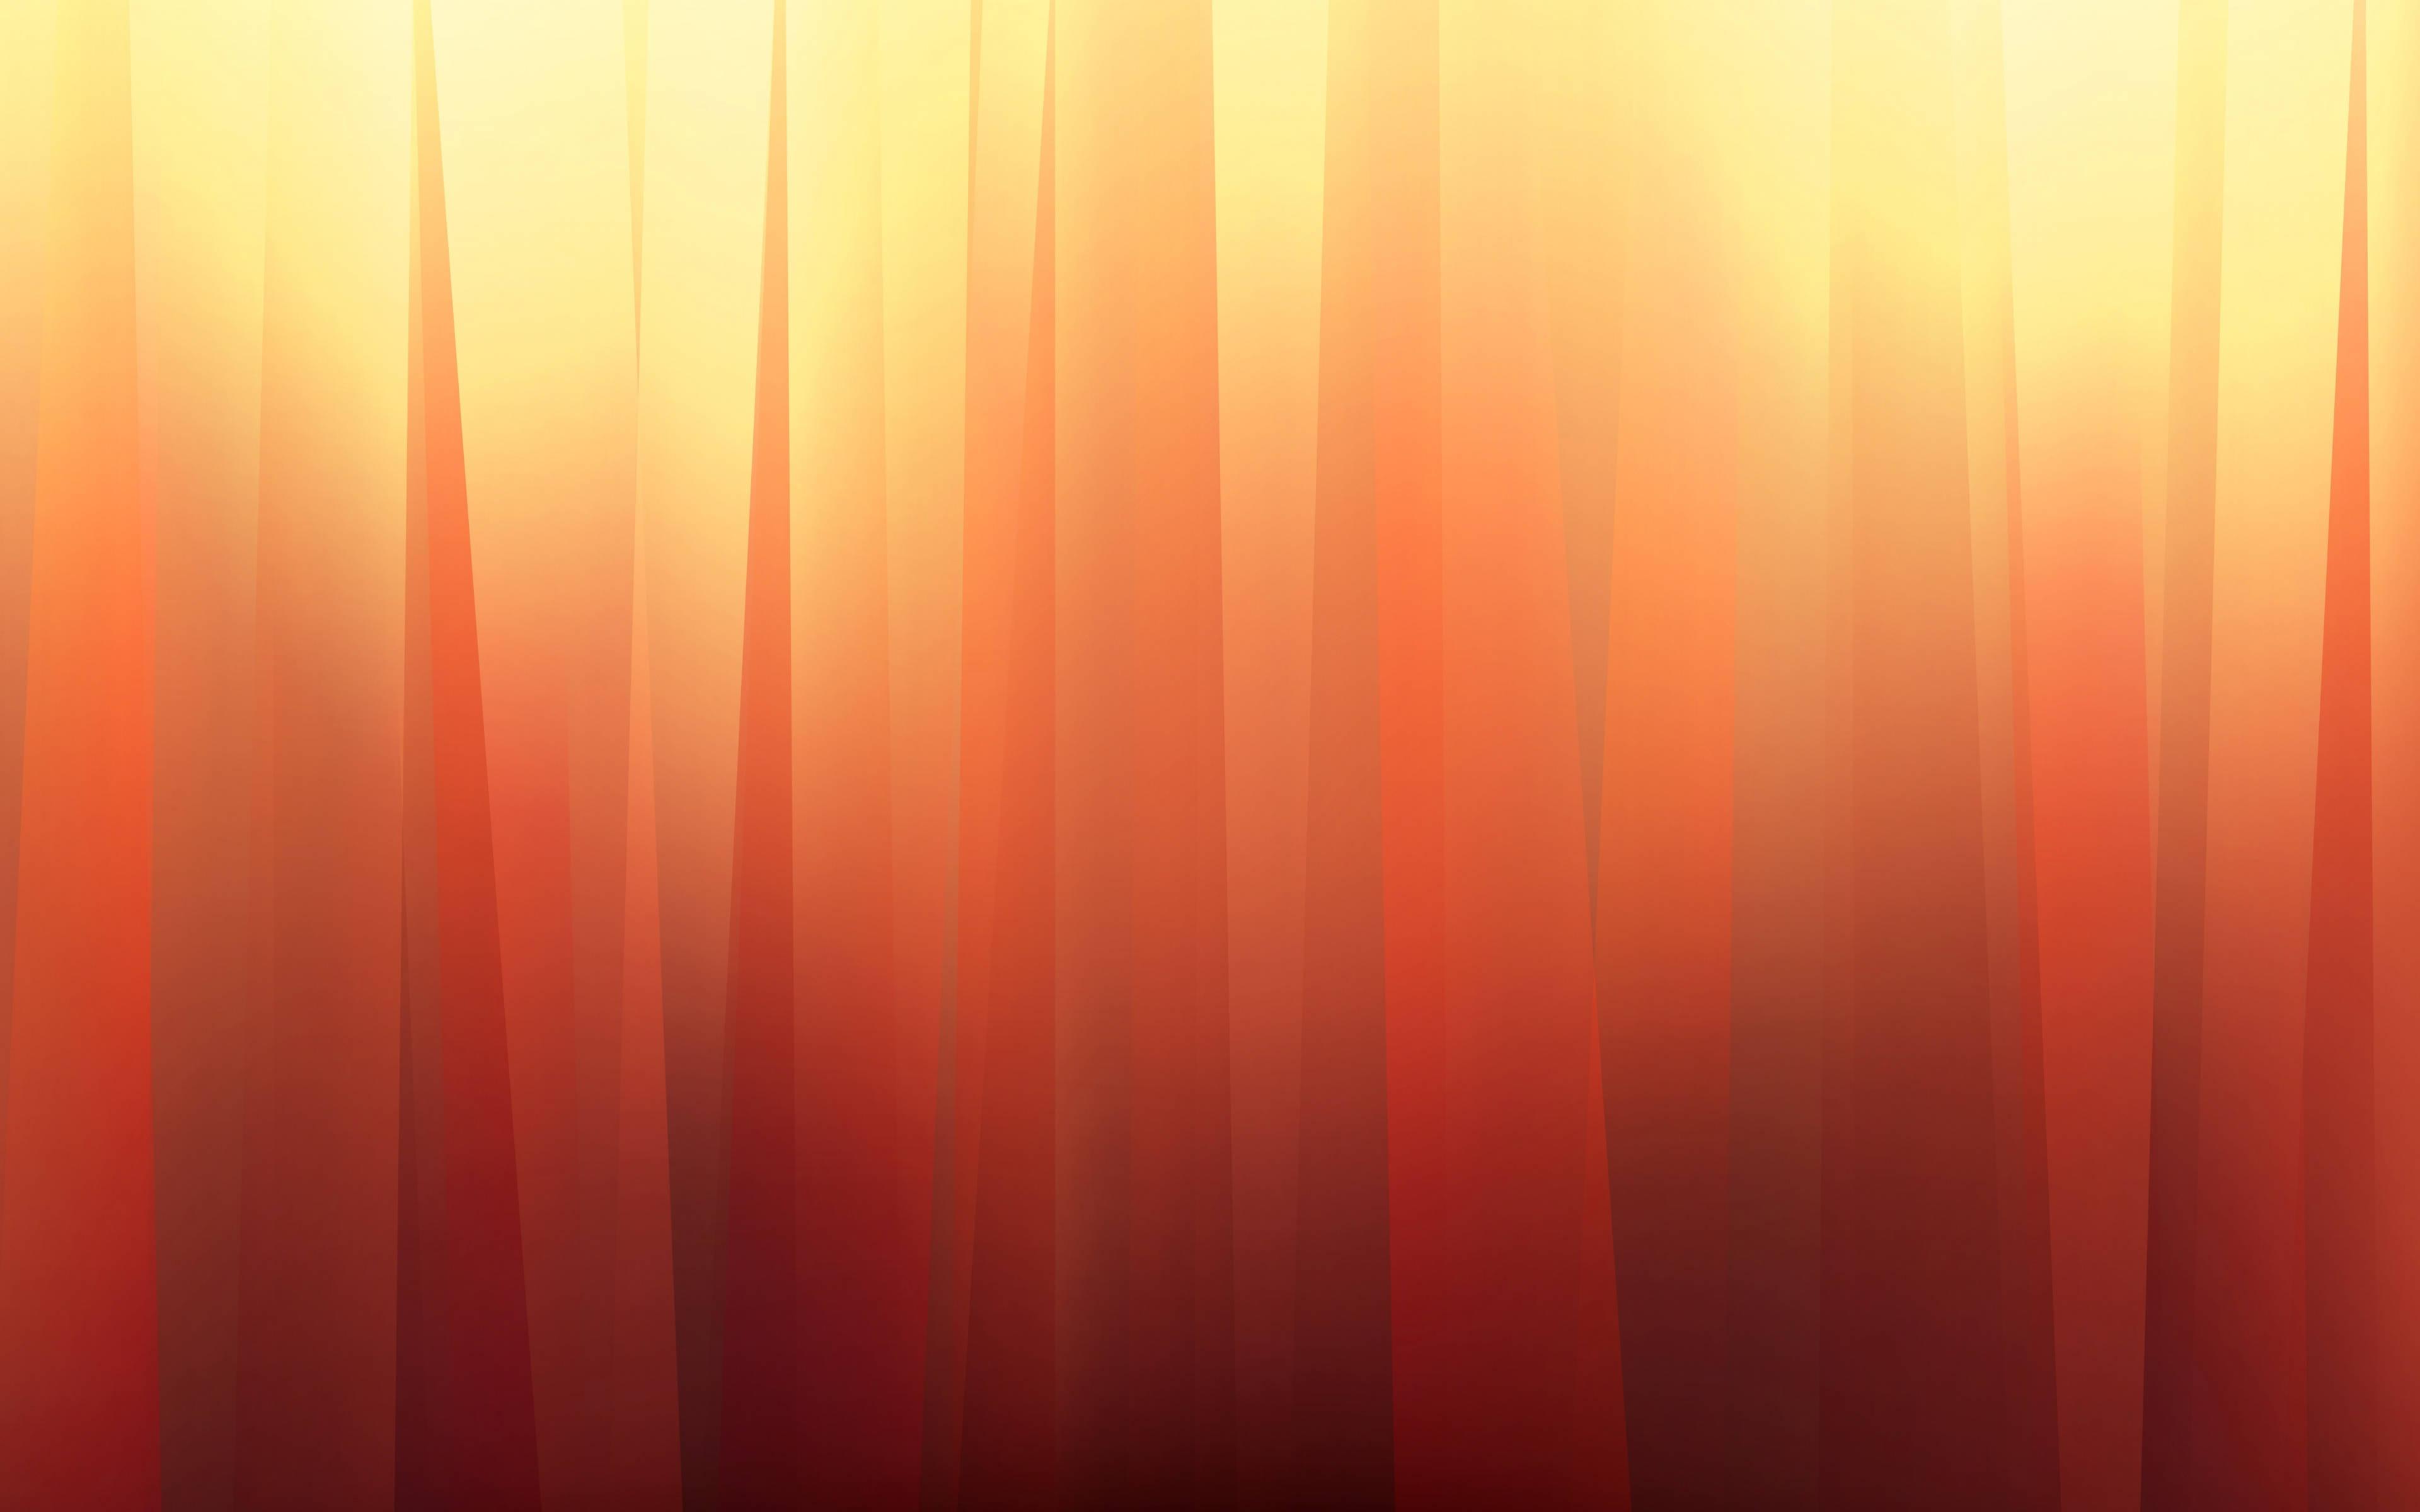 stripes_lines_light_pale_46897_3840x2400